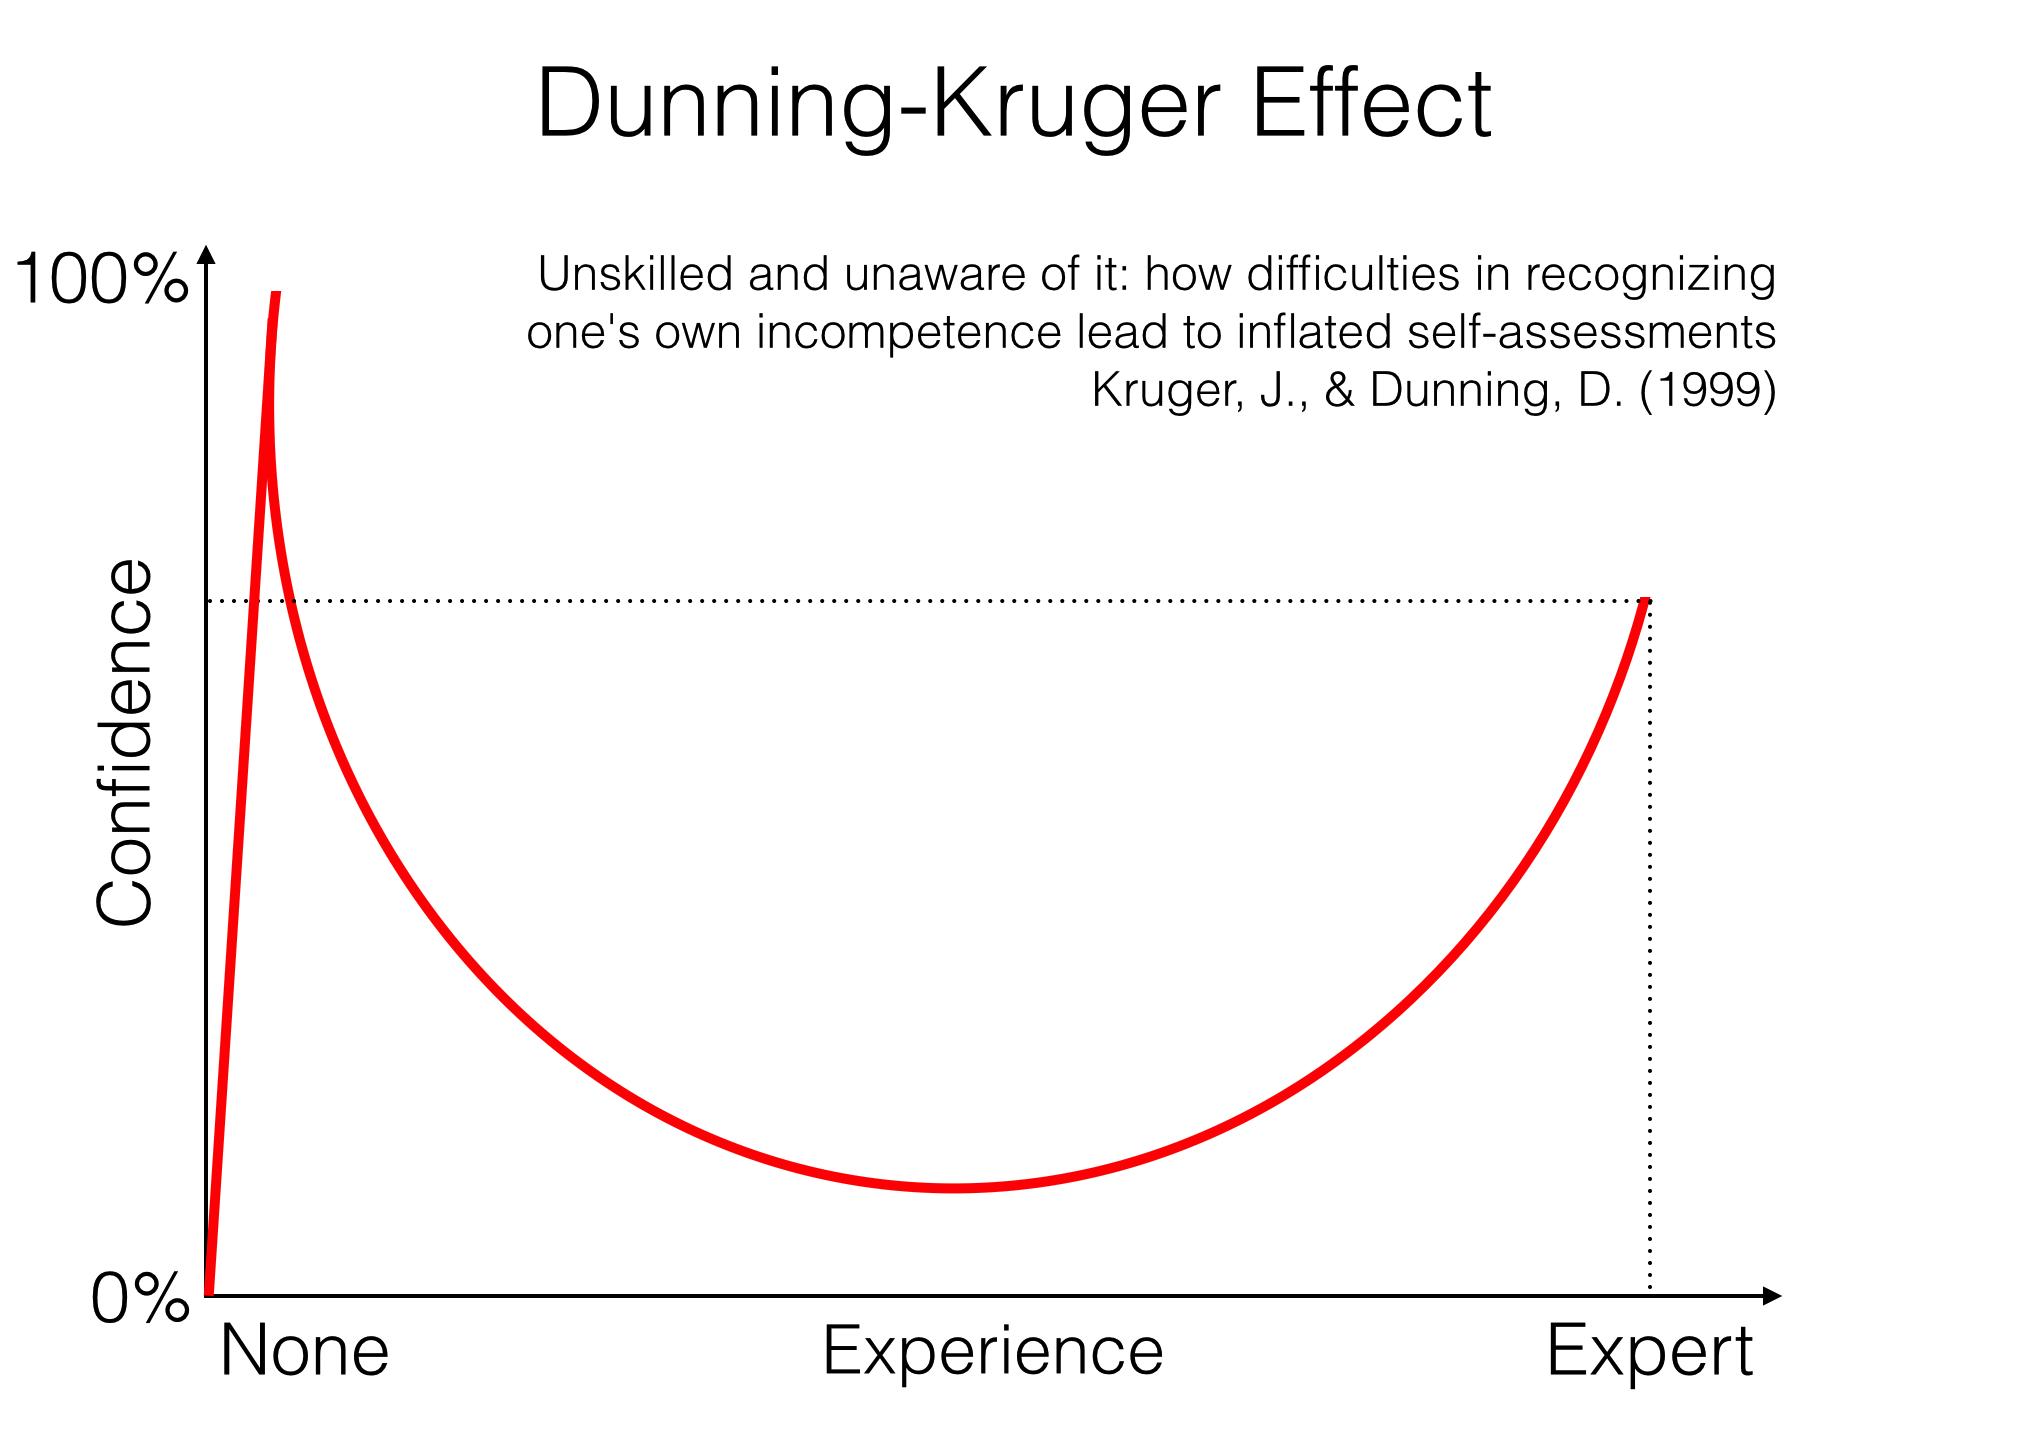 Dunning-Kruger effektus